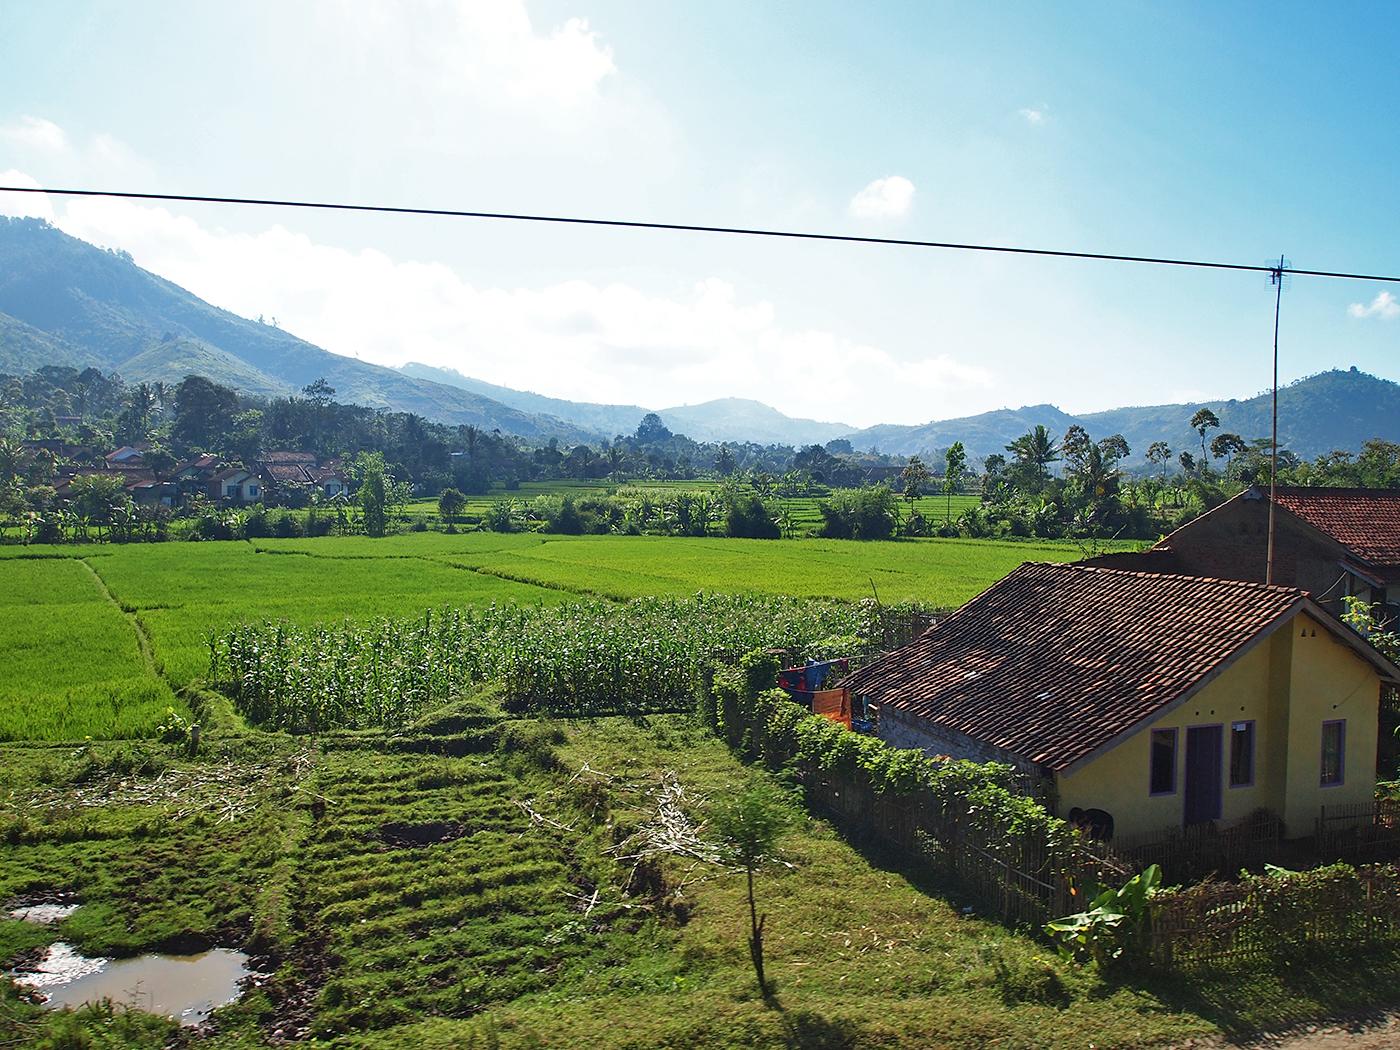 Prachtige groene landschappen